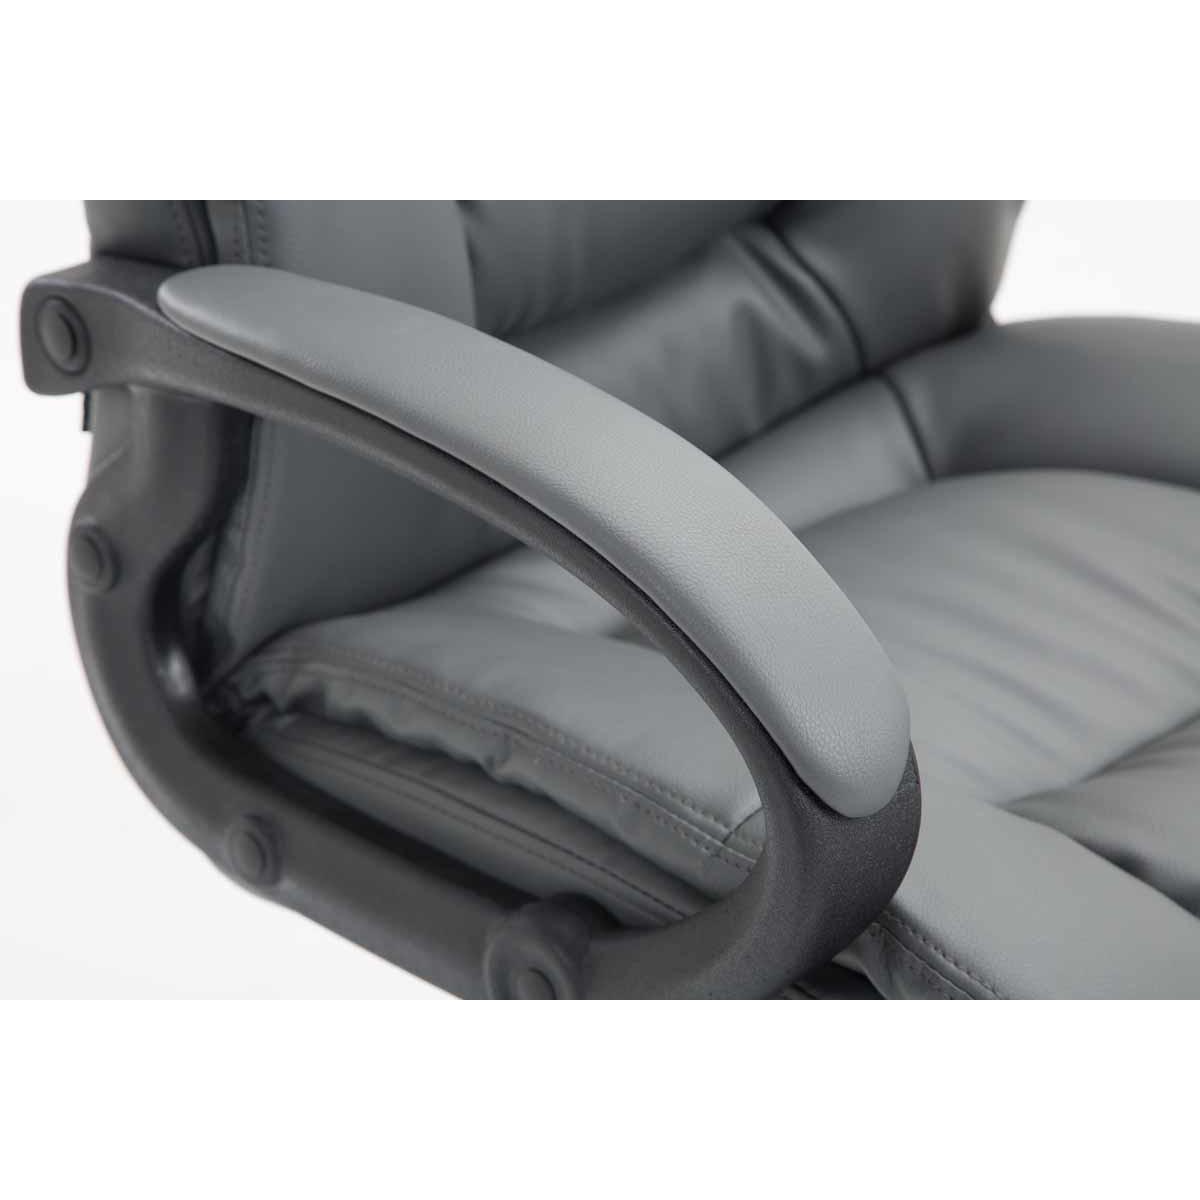 Sparta XL extra kényelmes főnöki szék (140 kg), műbőr, szürke eMAG.hu